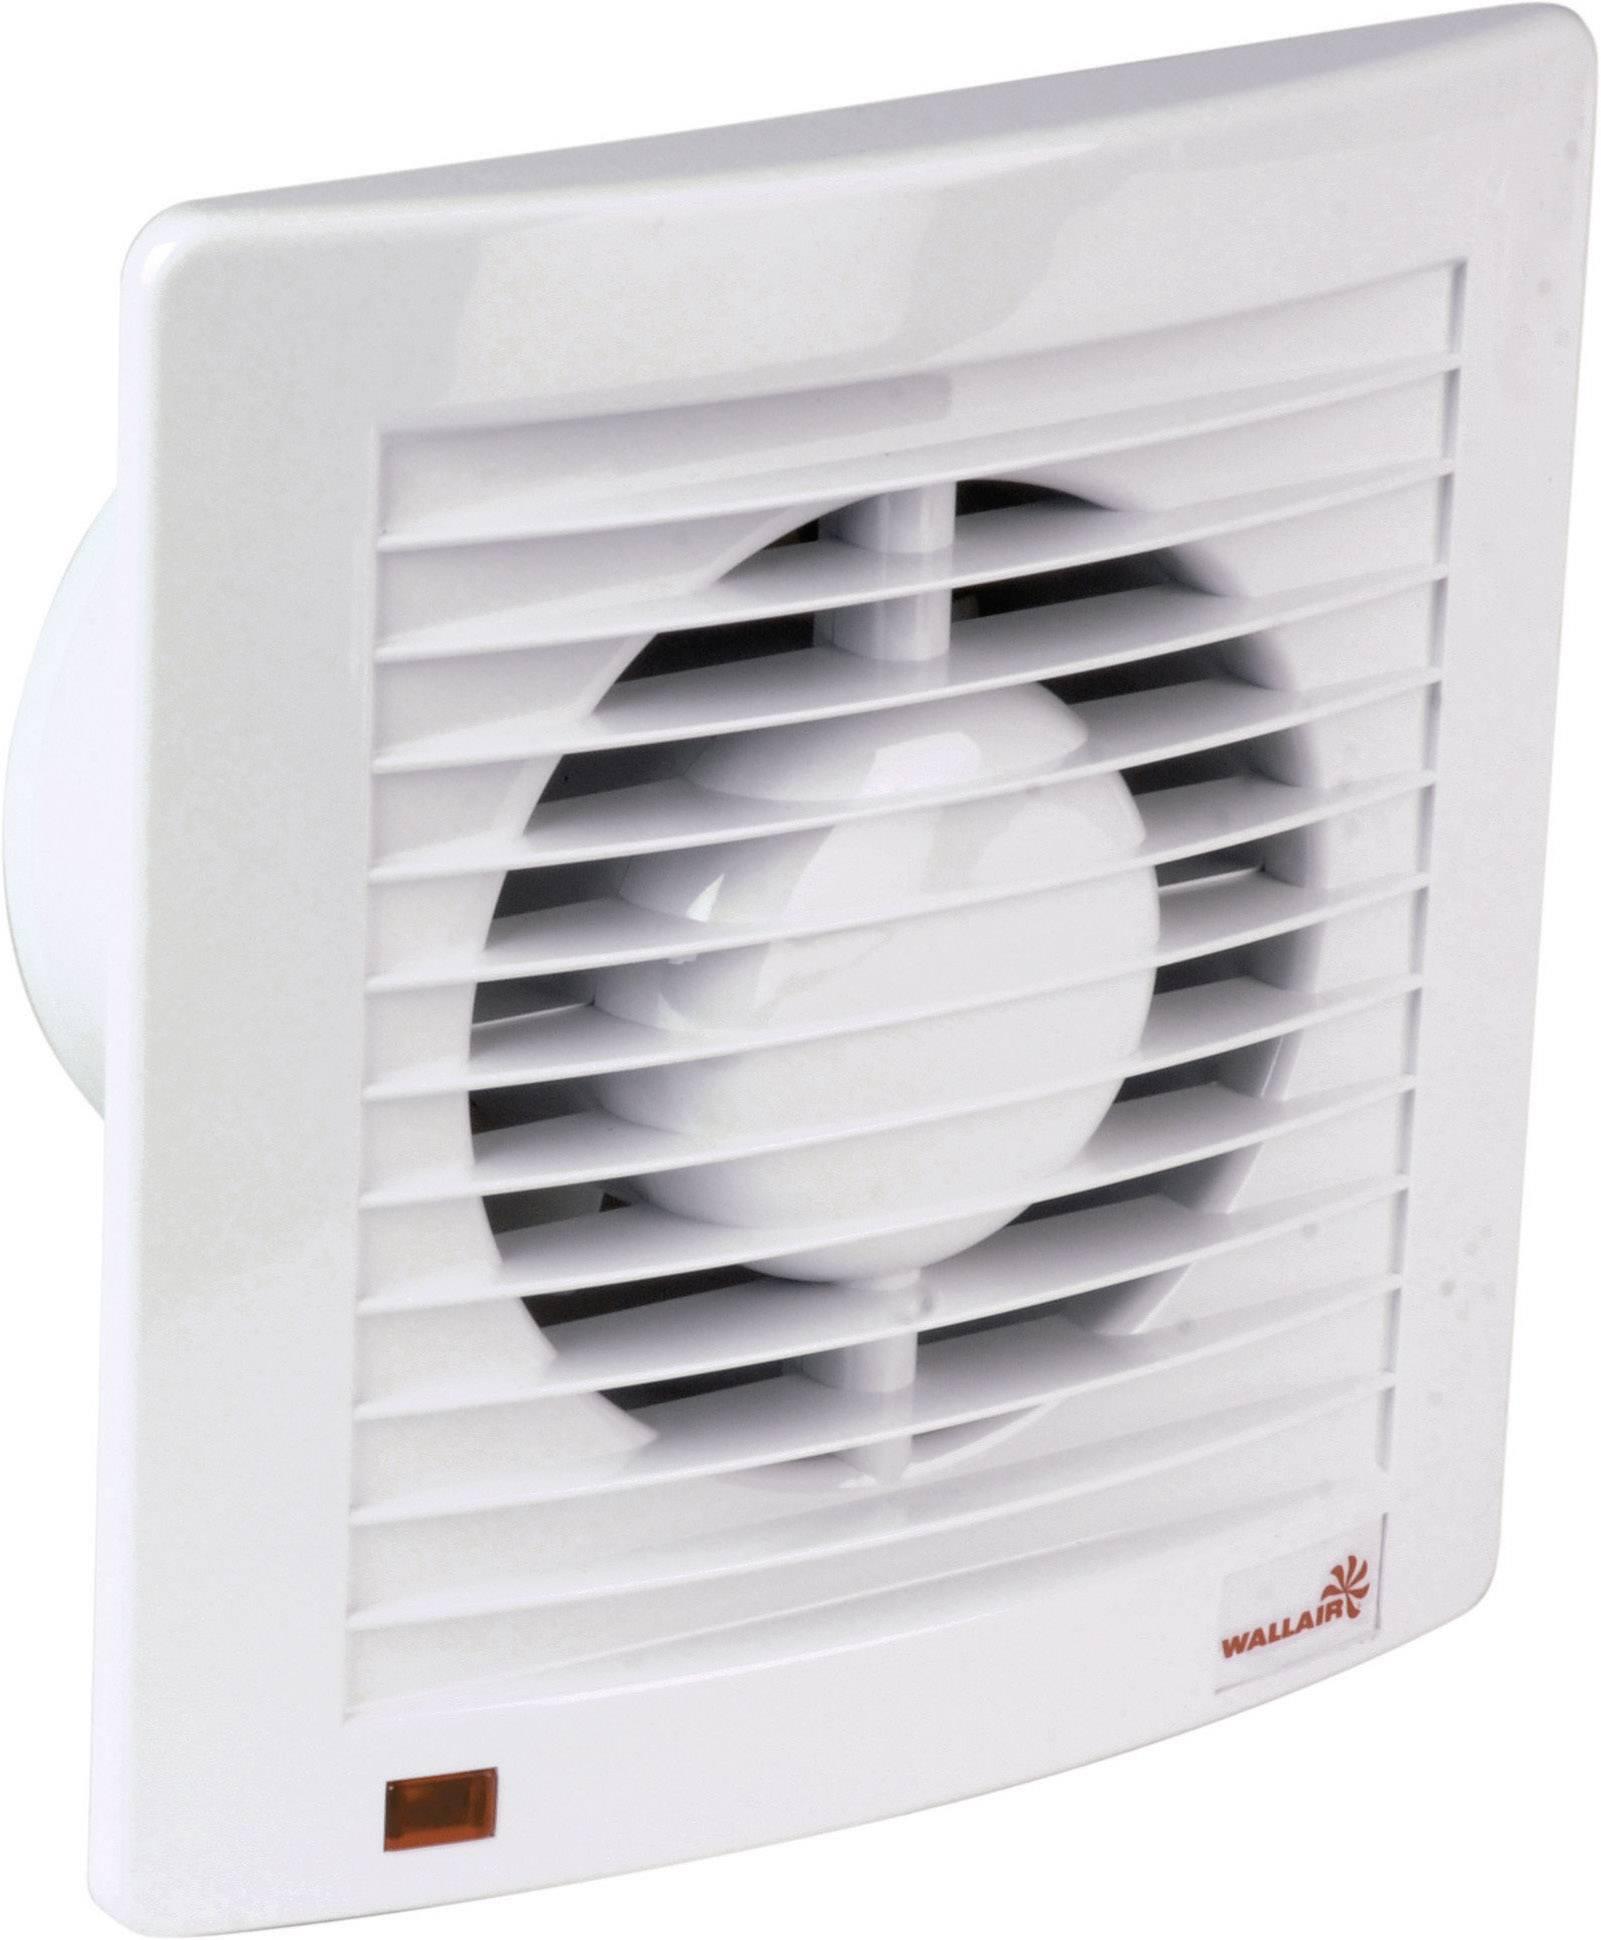 Nástenný a stropný ventilátor s časovačom Wallair W-Style 120 mm, biely